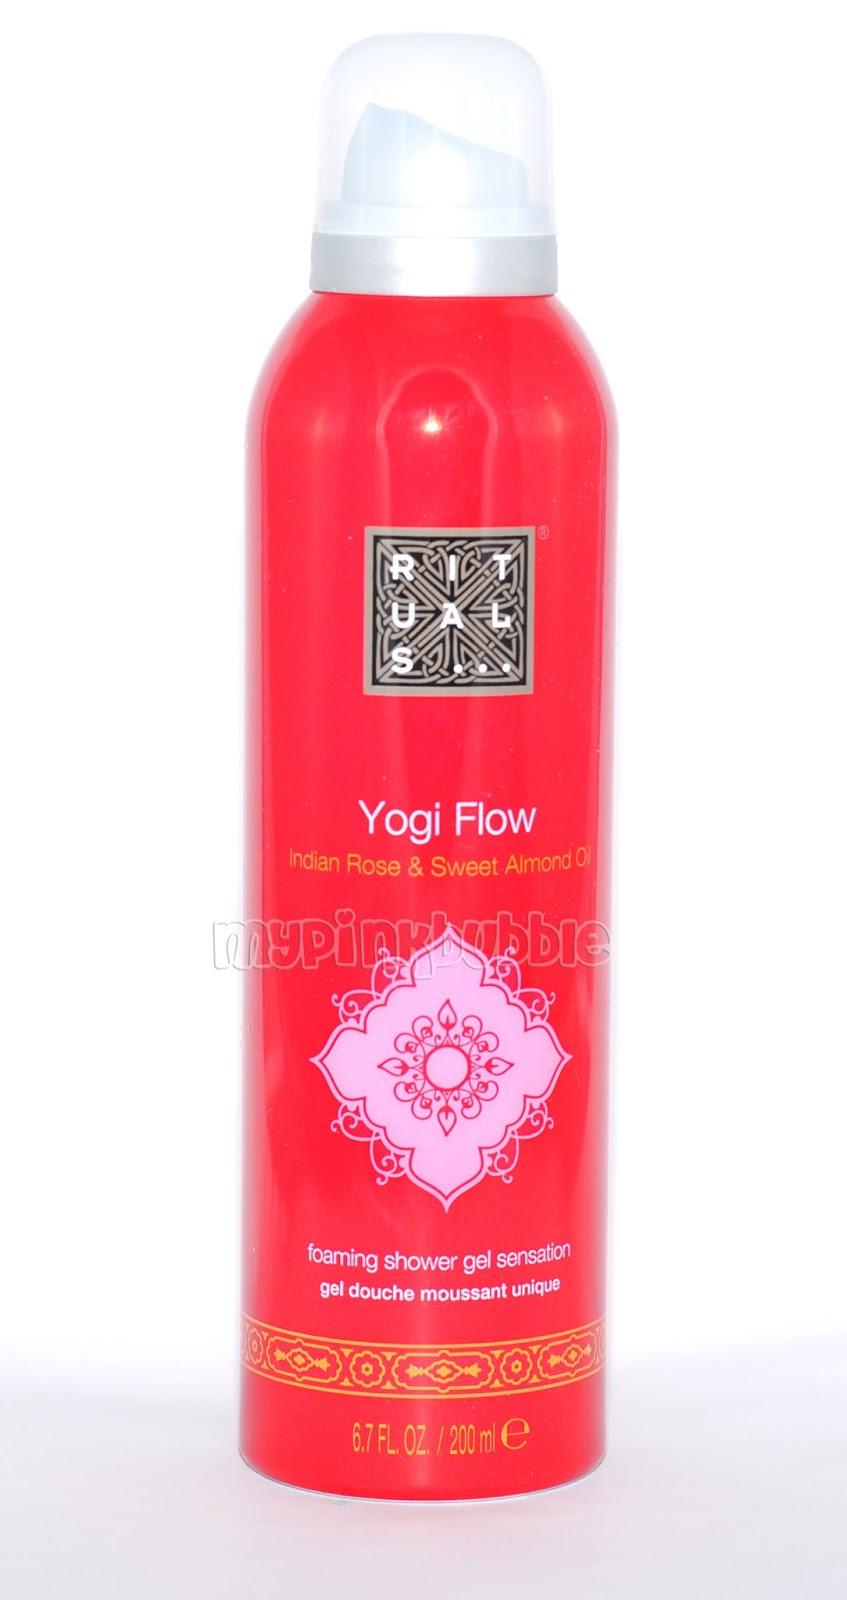 Rituals yogi flow